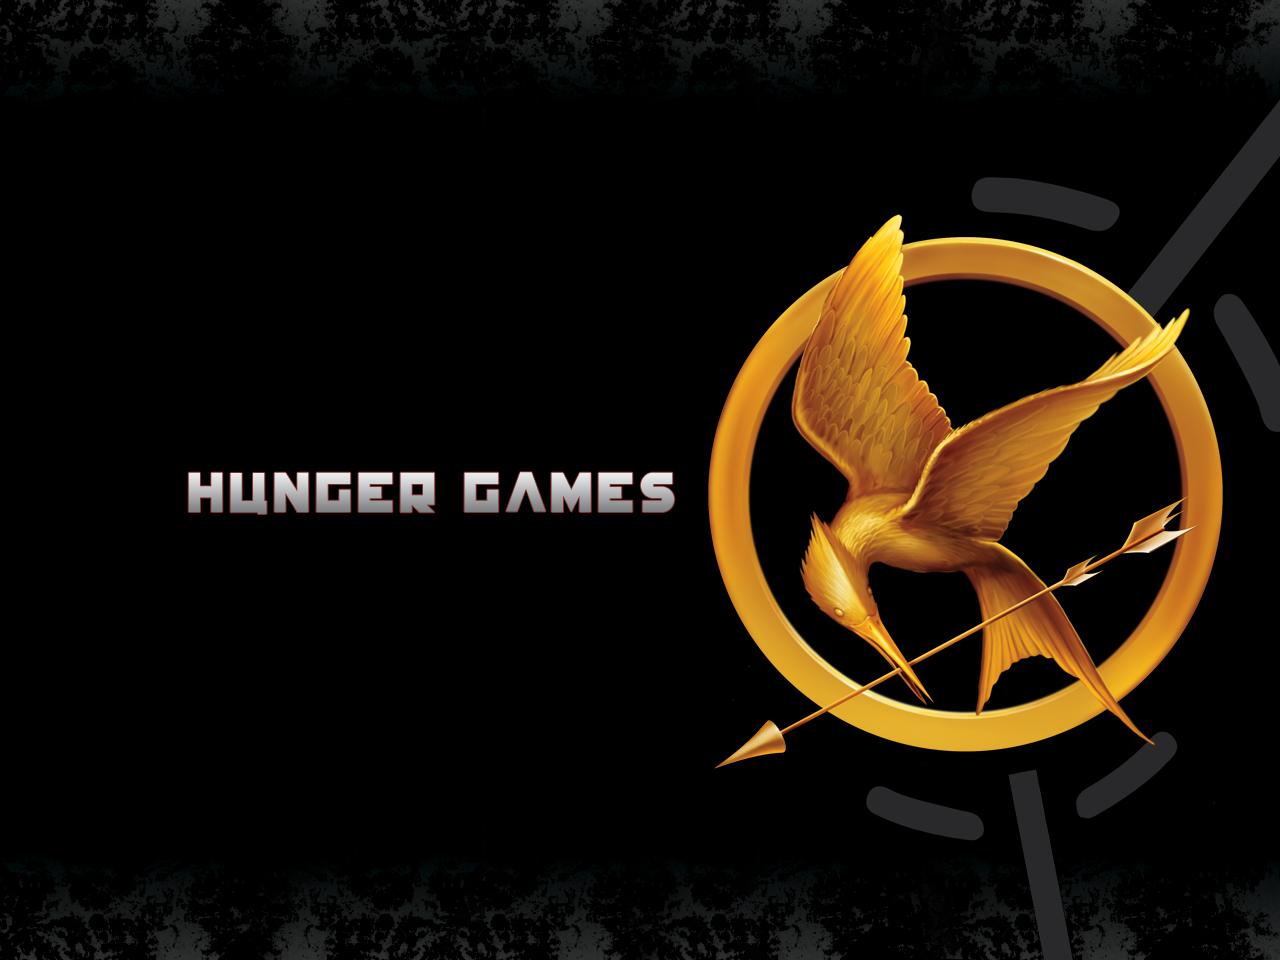 http://1.bp.blogspot.com/-O9EzRviugZ8/Tv-OQ0gAjvI/AAAAAAAAAOU/m5I-_2-qoZ4/s1600/Hunger+Games+Logo.jpg